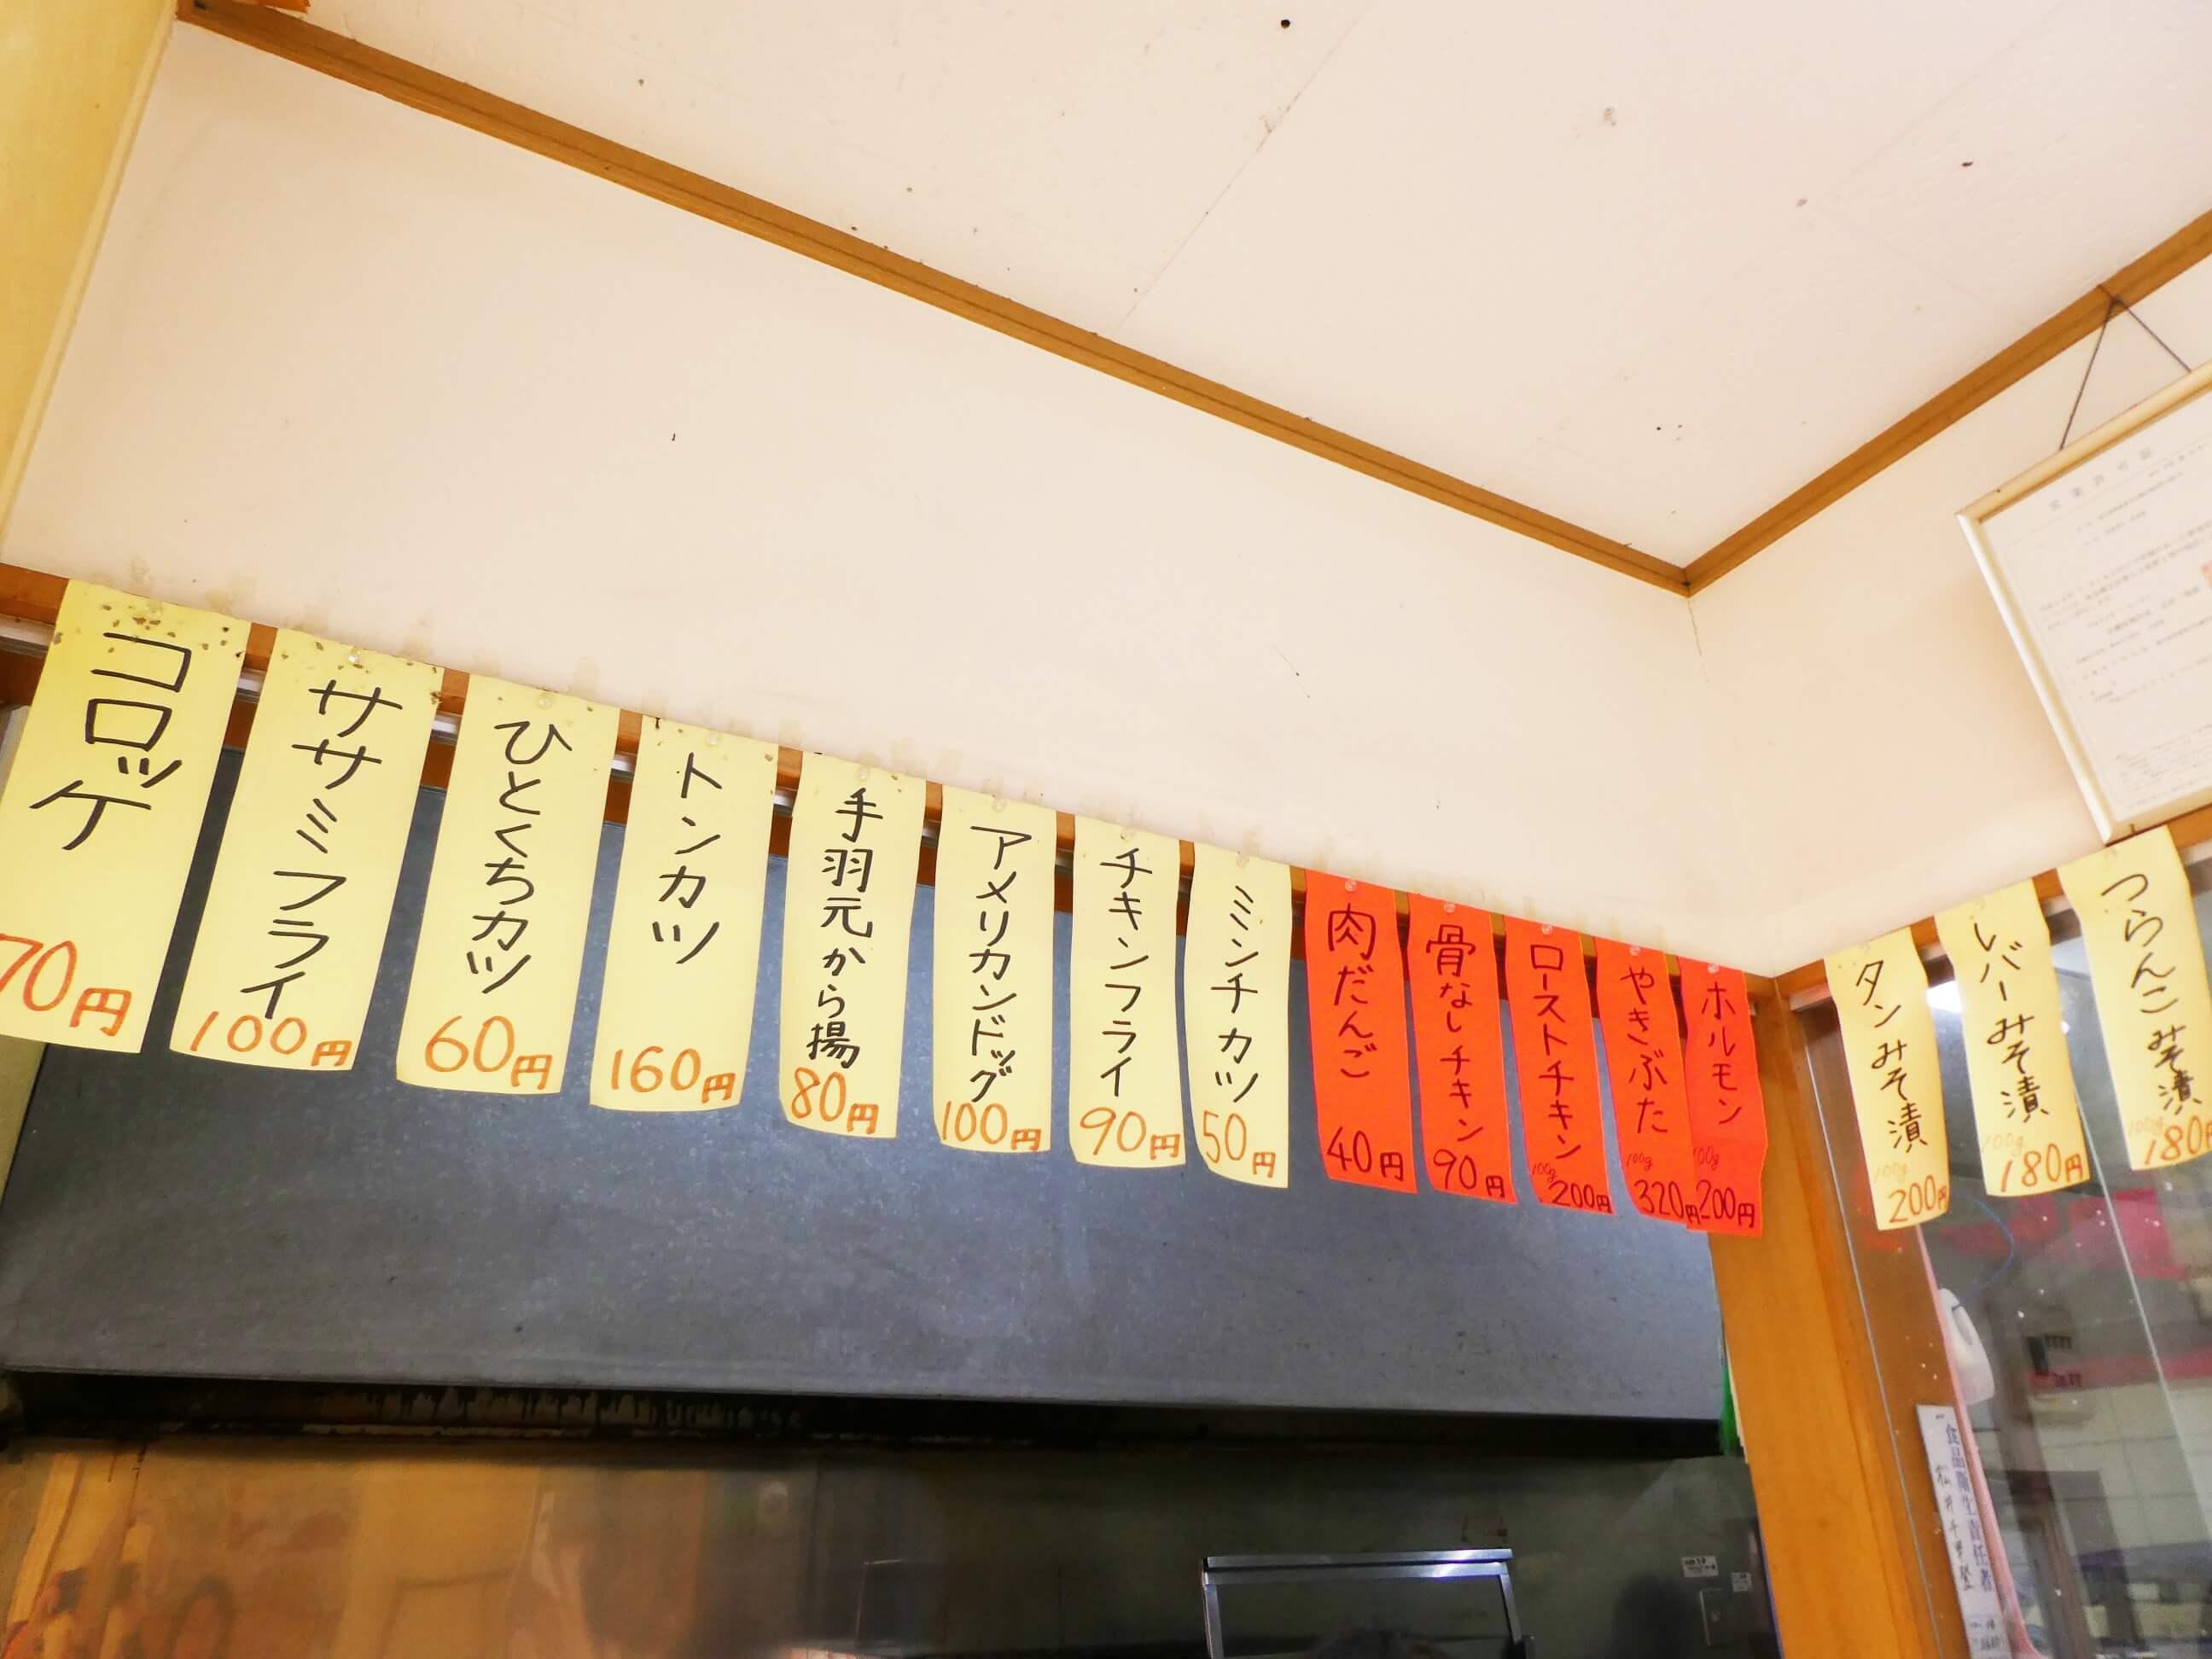 奄美にある松坂屋店内にあるたくさんのメニュー